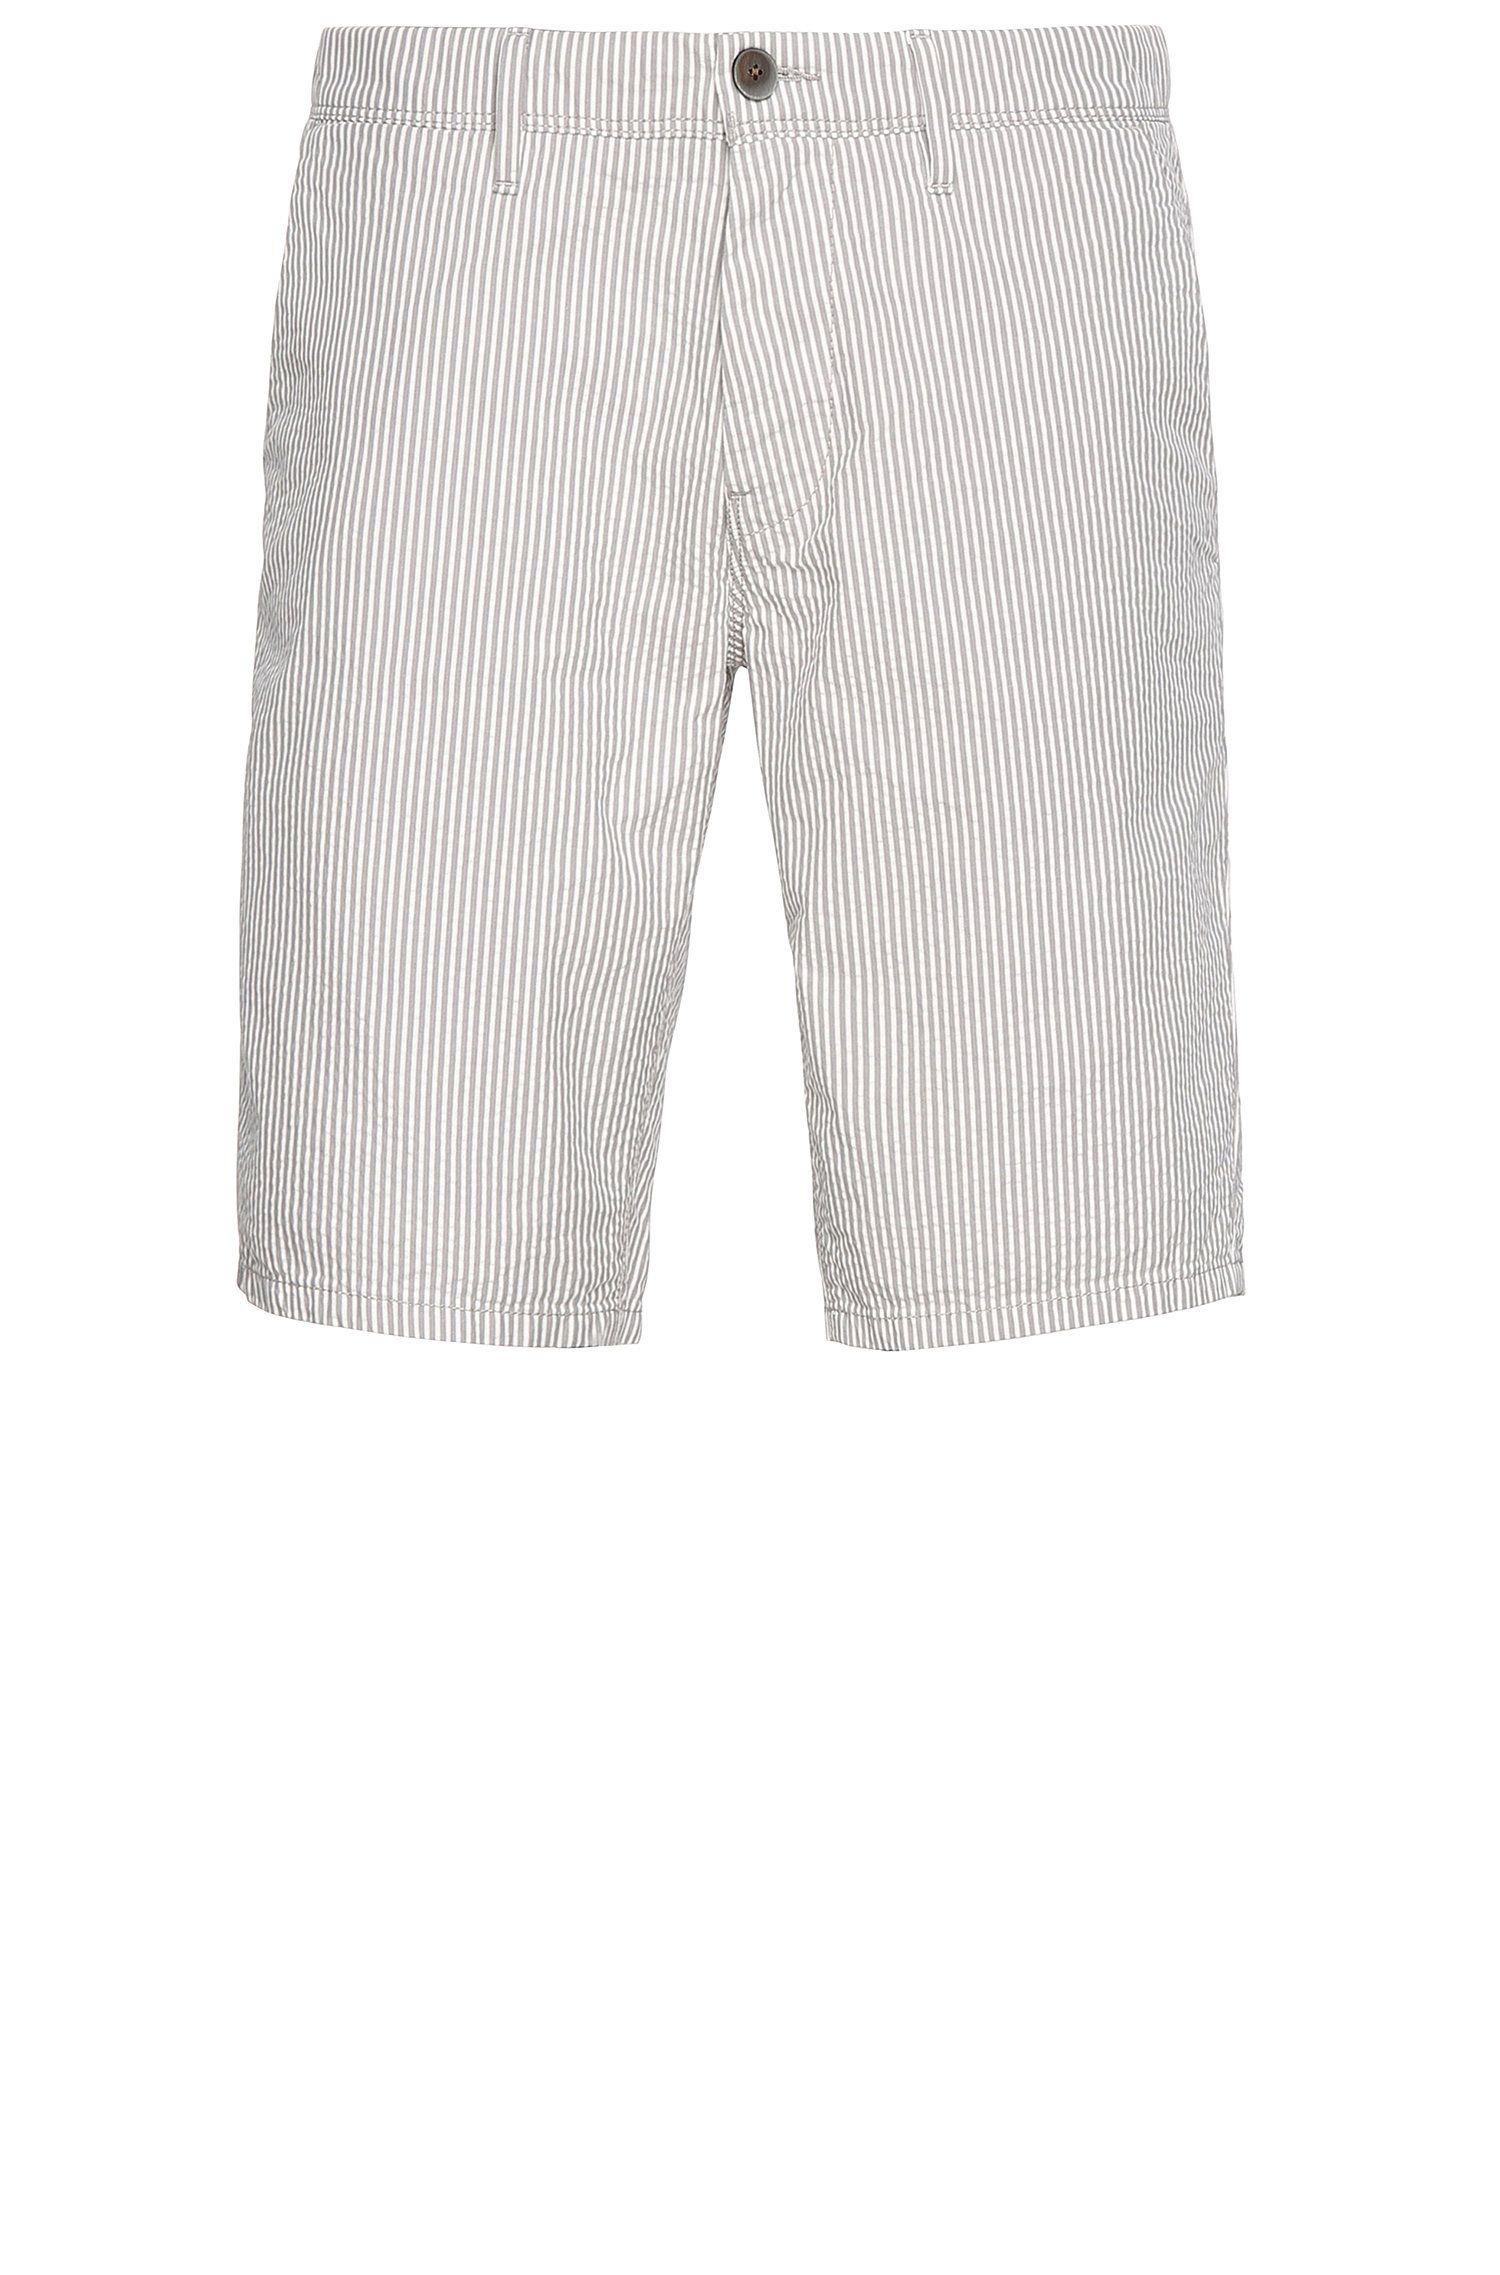 Seersucker Cotton Shorts | Slender Shorts W